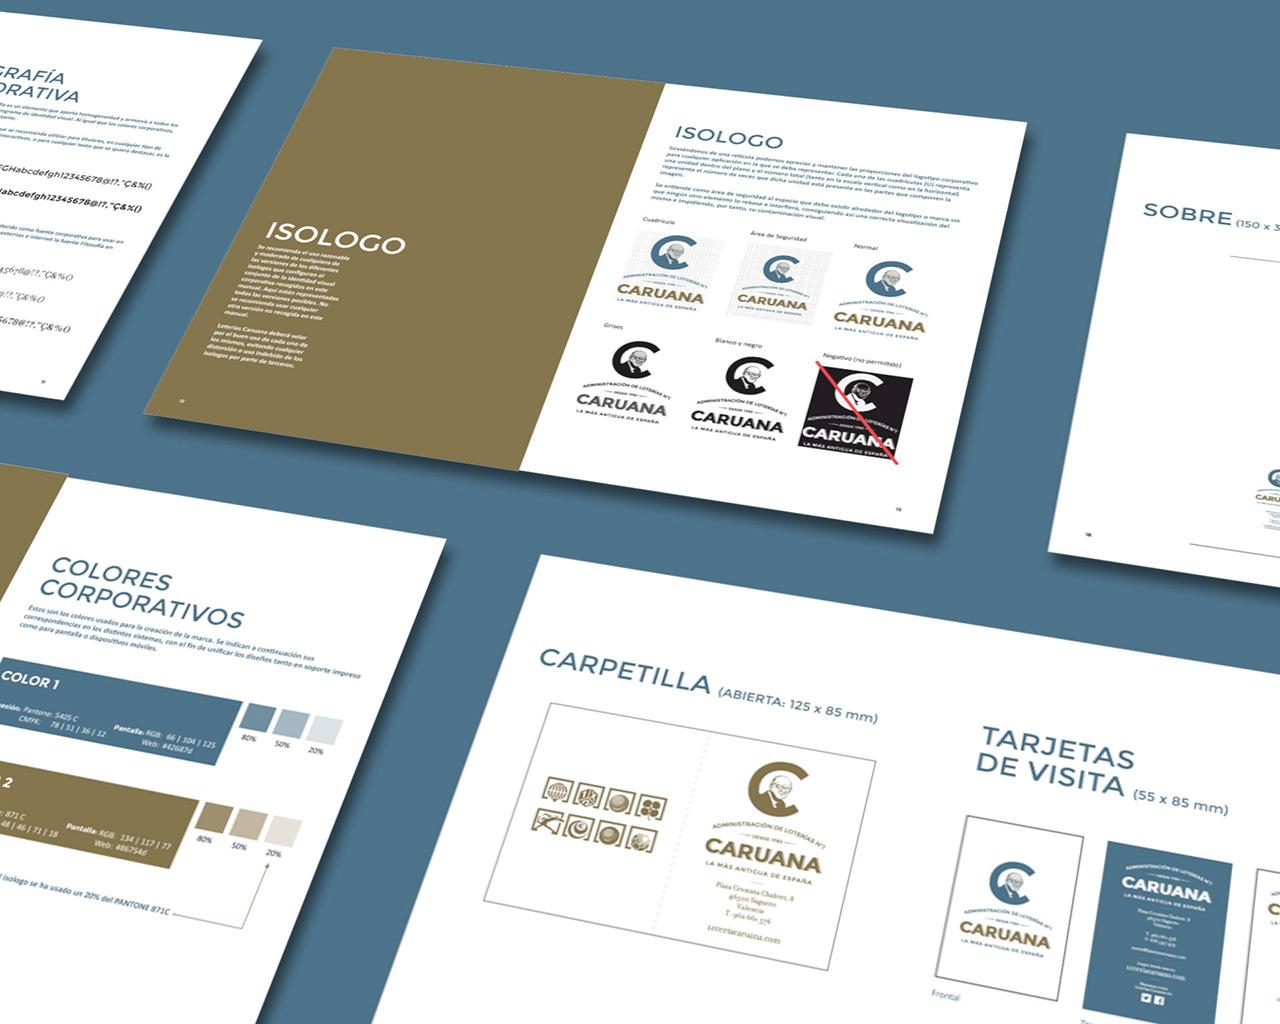 Manual de normas de identidad corporativa de Loterías Caruana